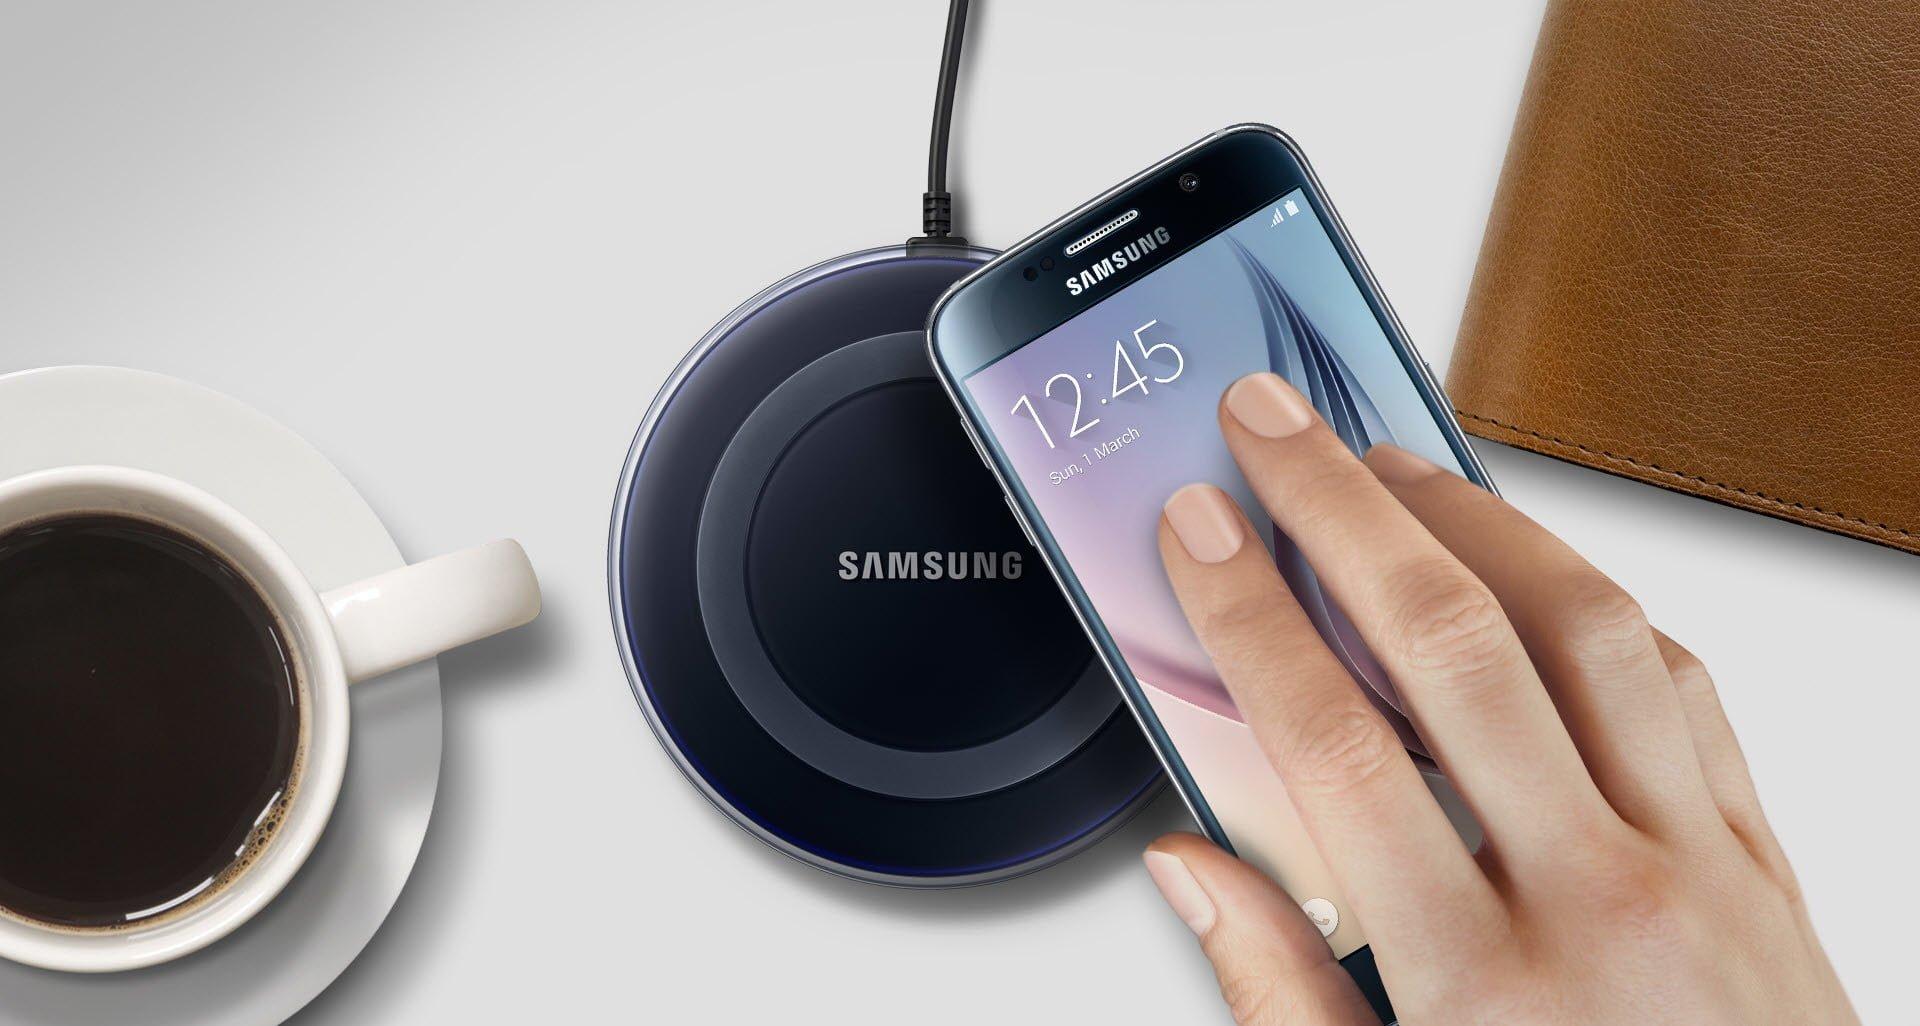 Новая беспроводная зарядка Самсунг может заряжать сразу два телефона